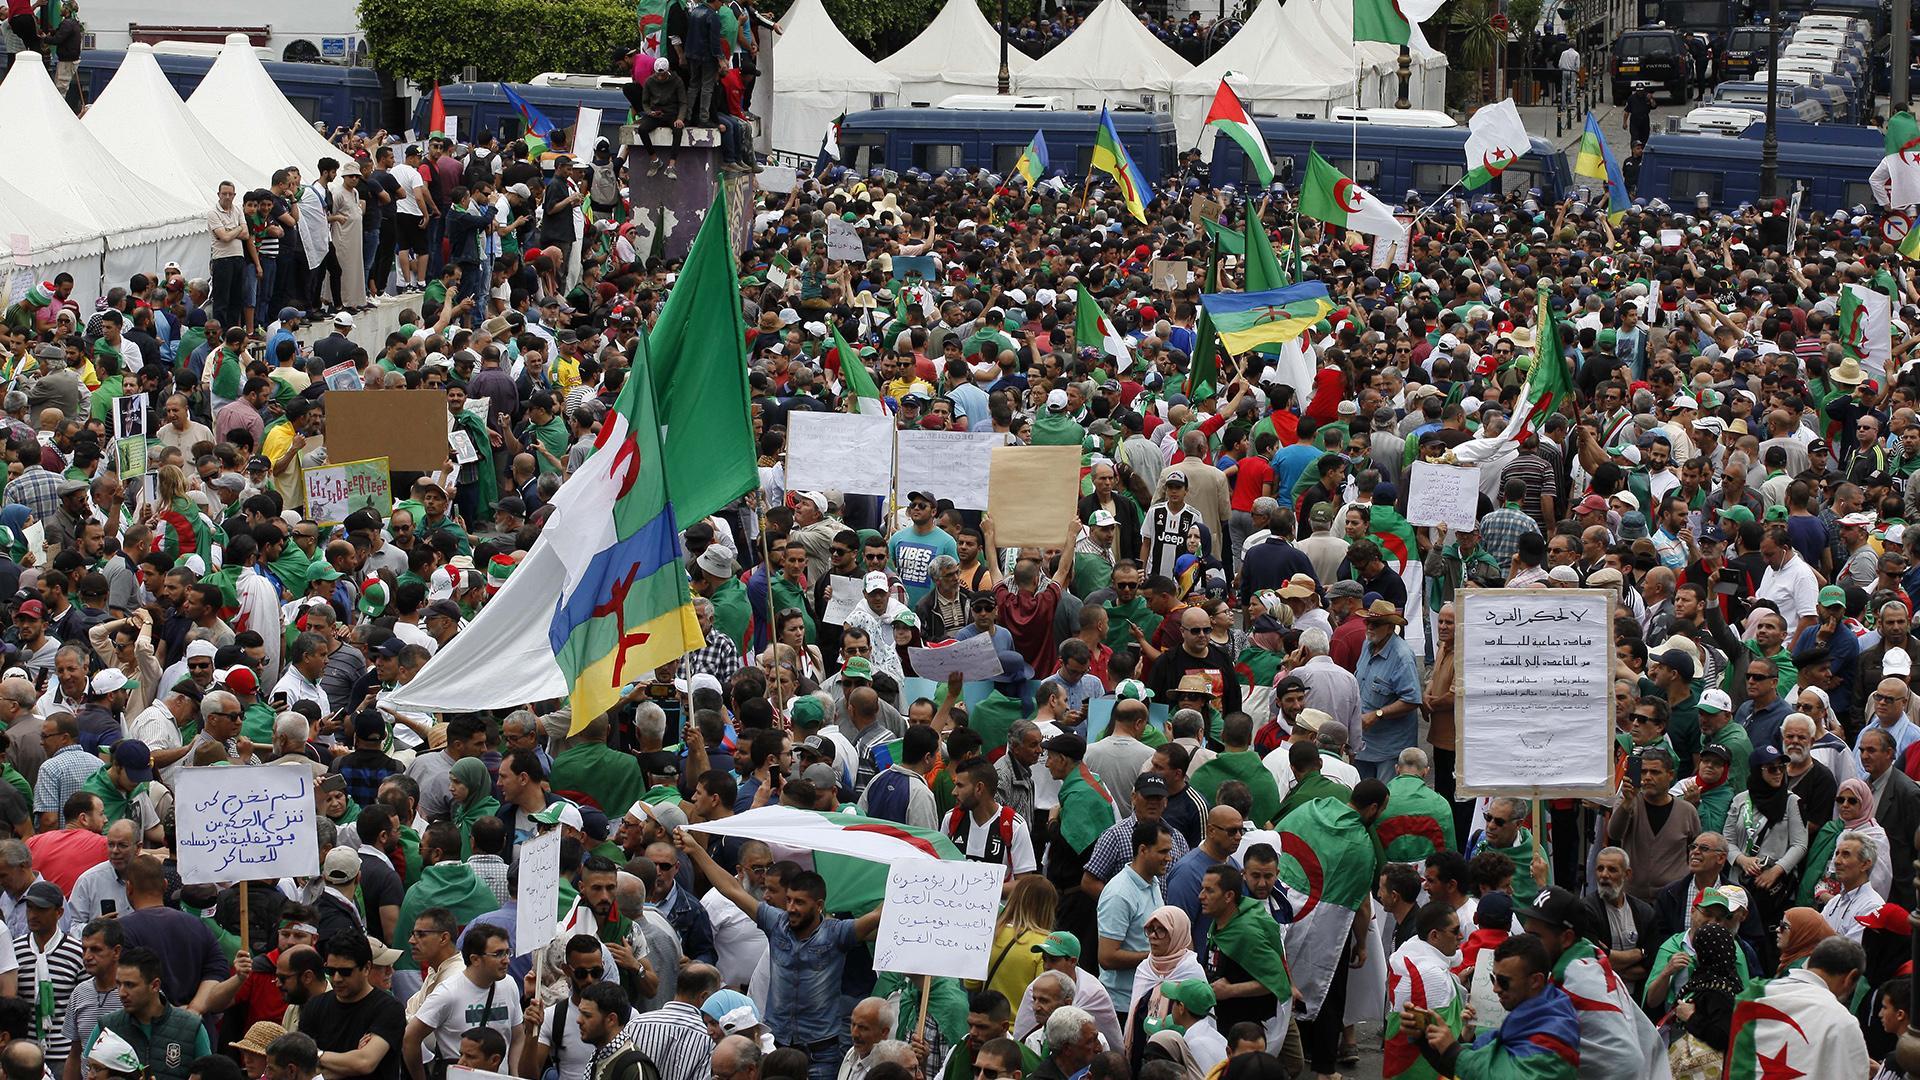 الجزائر .. تواصل الحراك للجمعة الرابعة عشرة